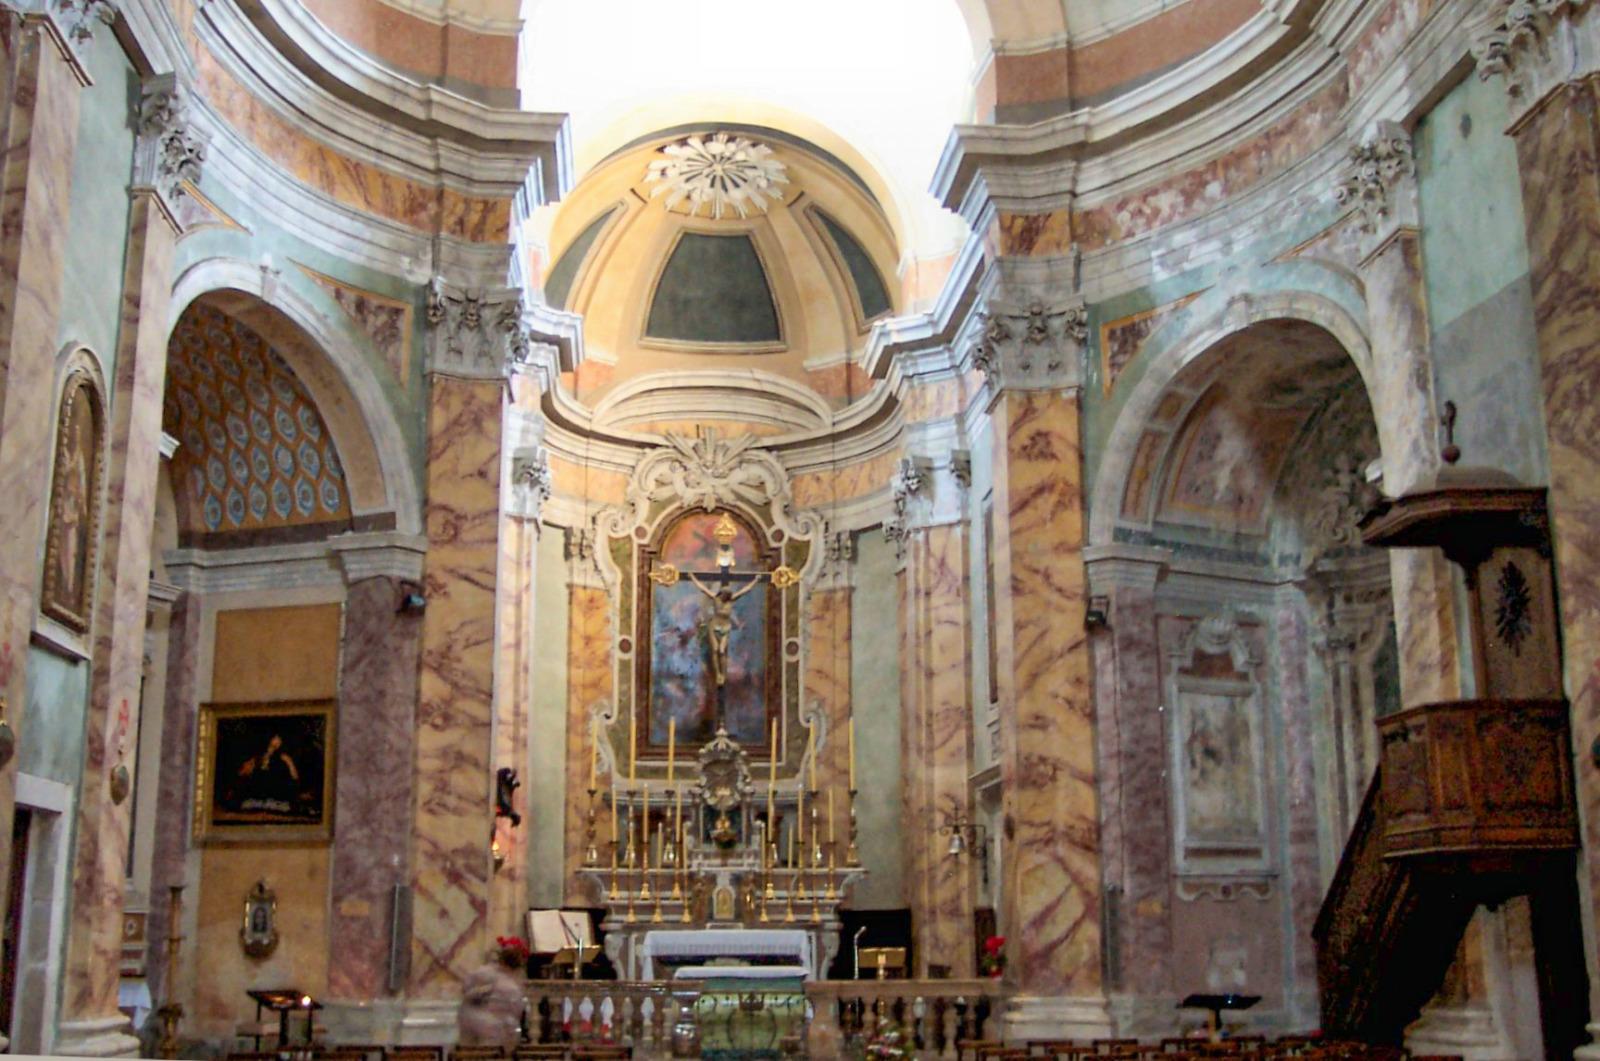 The choir of Saint-Michel church. Photo Patrice Semeria (Public Domain)